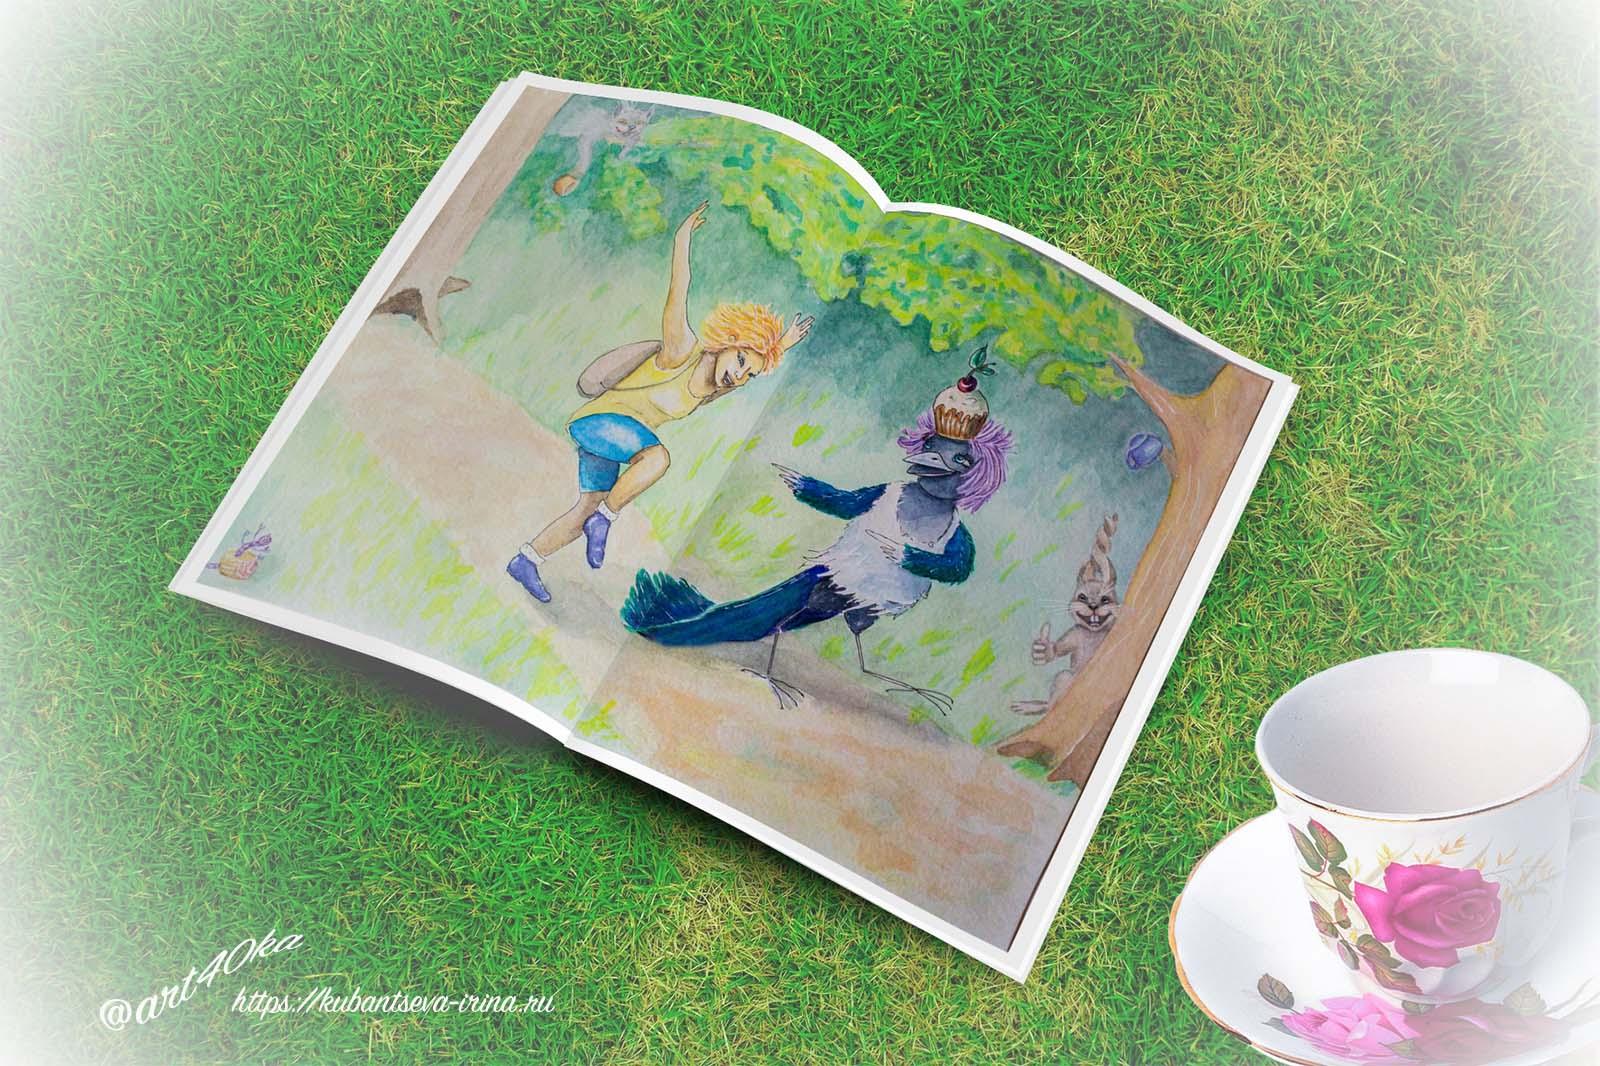 Фанфик Алиса в стране чудес и шляпница картинки акварелью